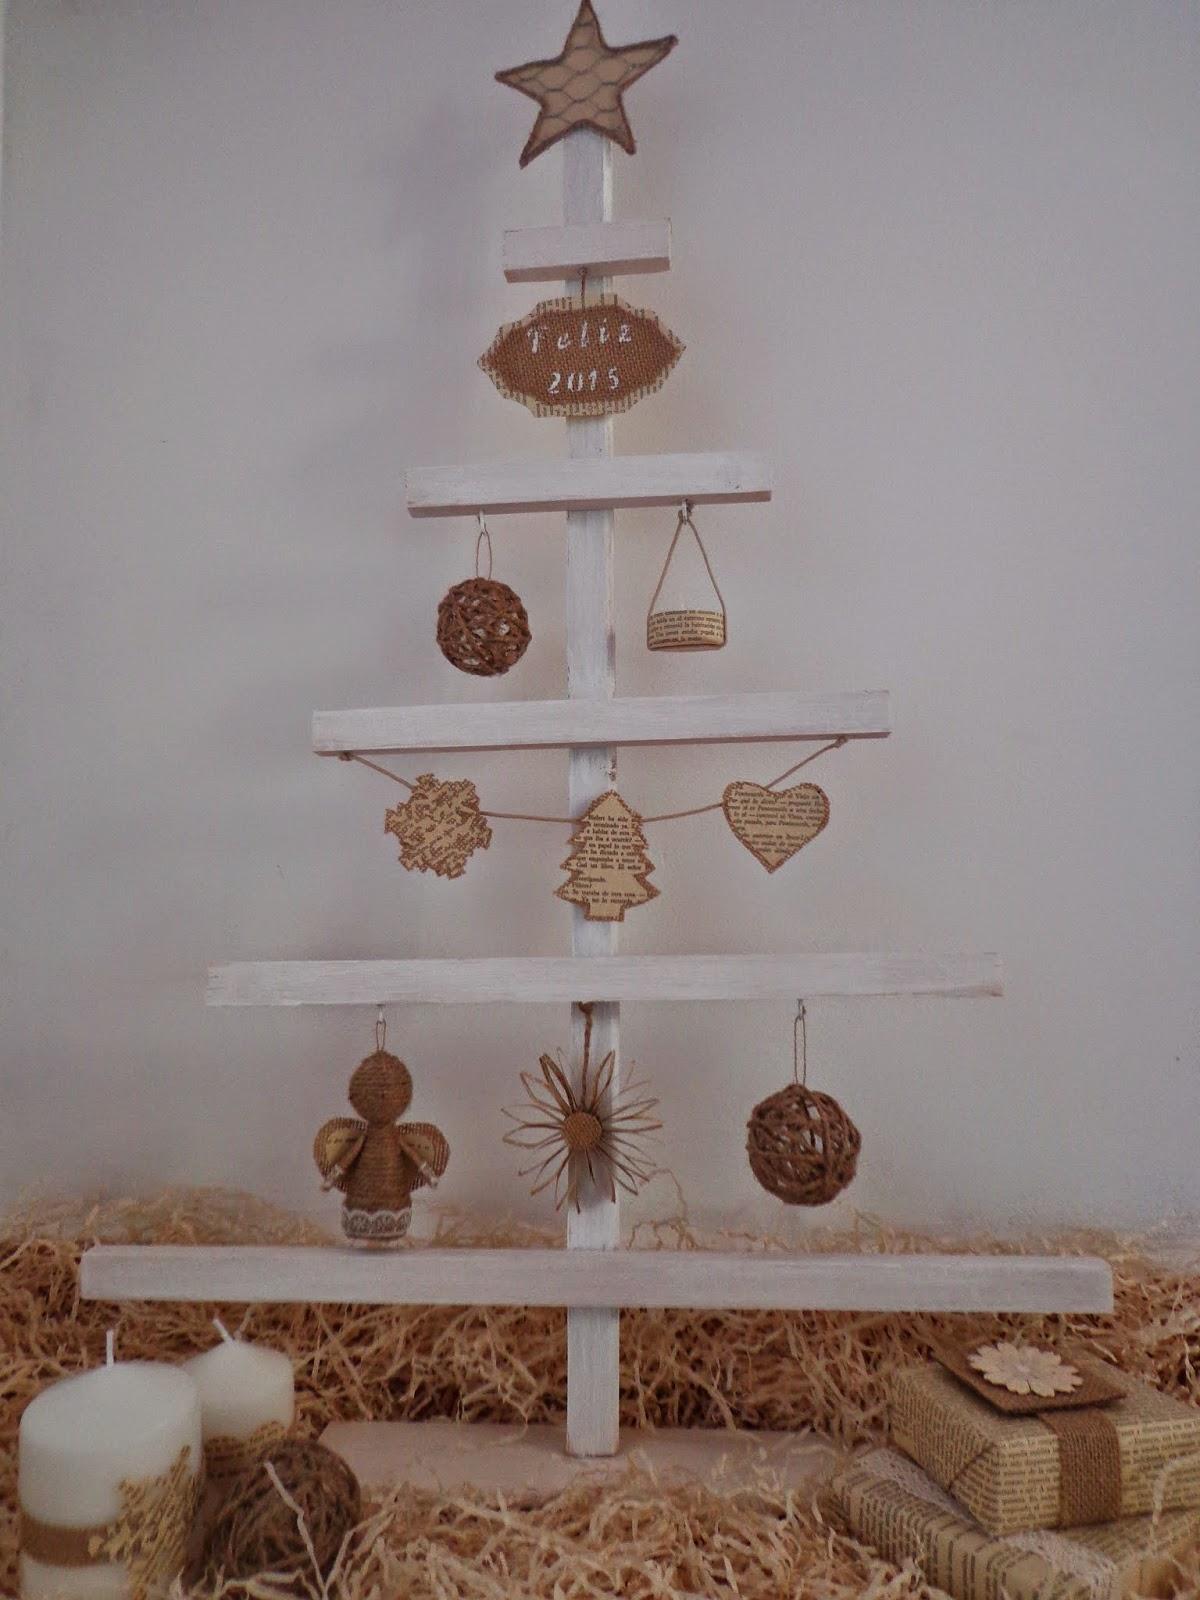 Madera cuerda arpillera feliz navidad entre - Madera para decoracion ...